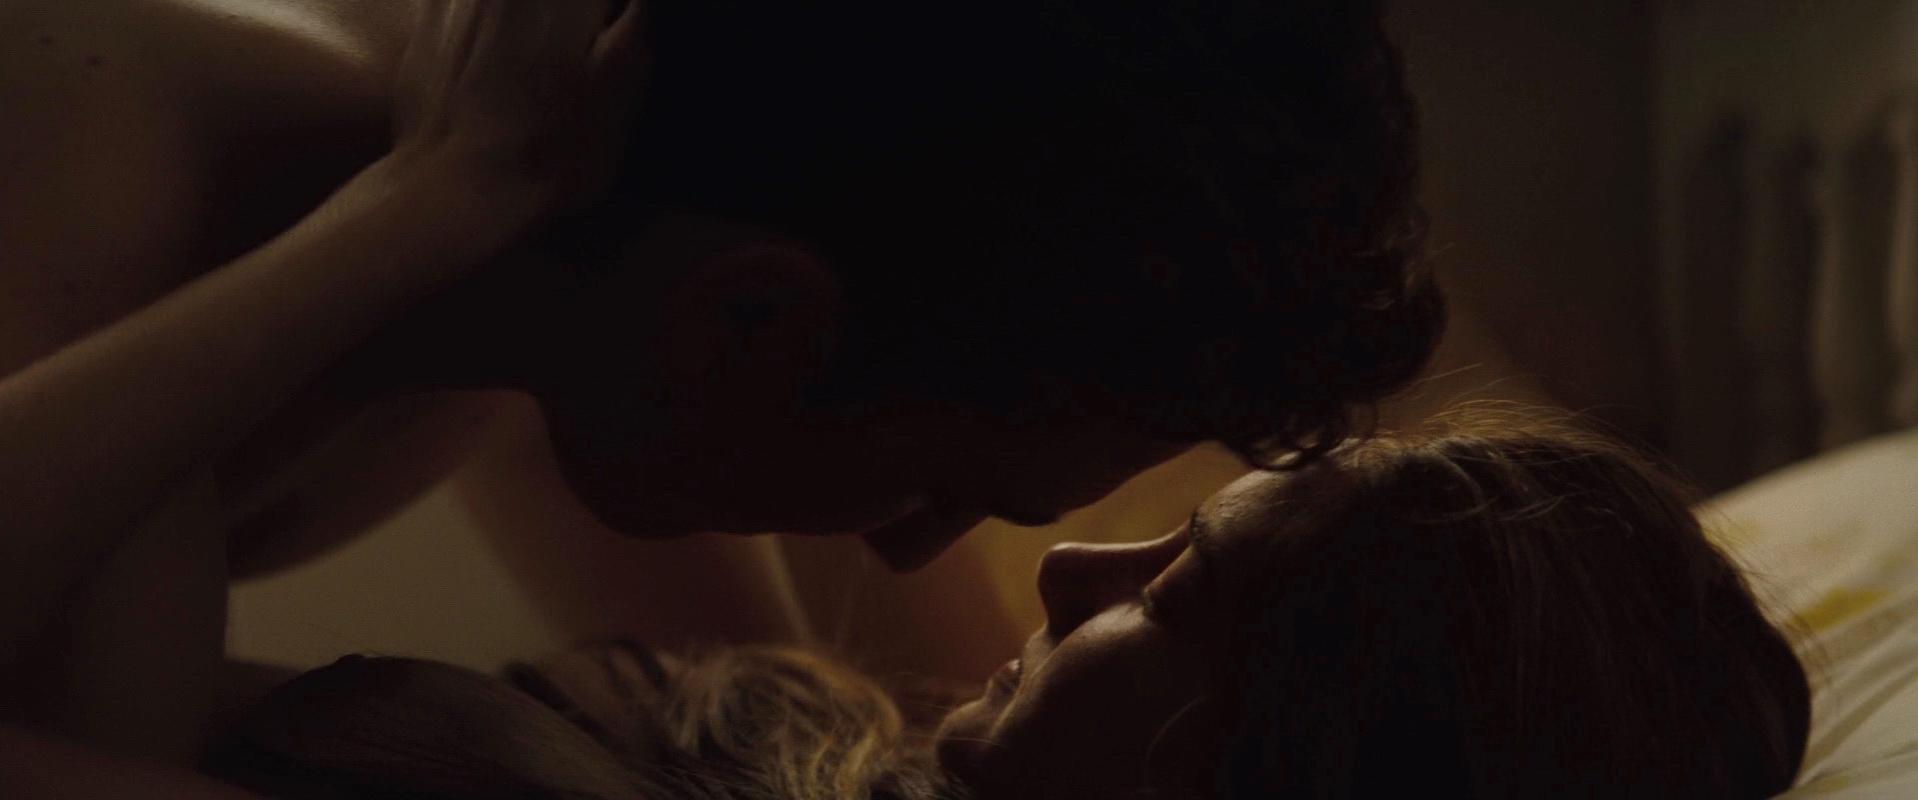 Shailene Woodley nude - The Spectacular Now (2013)